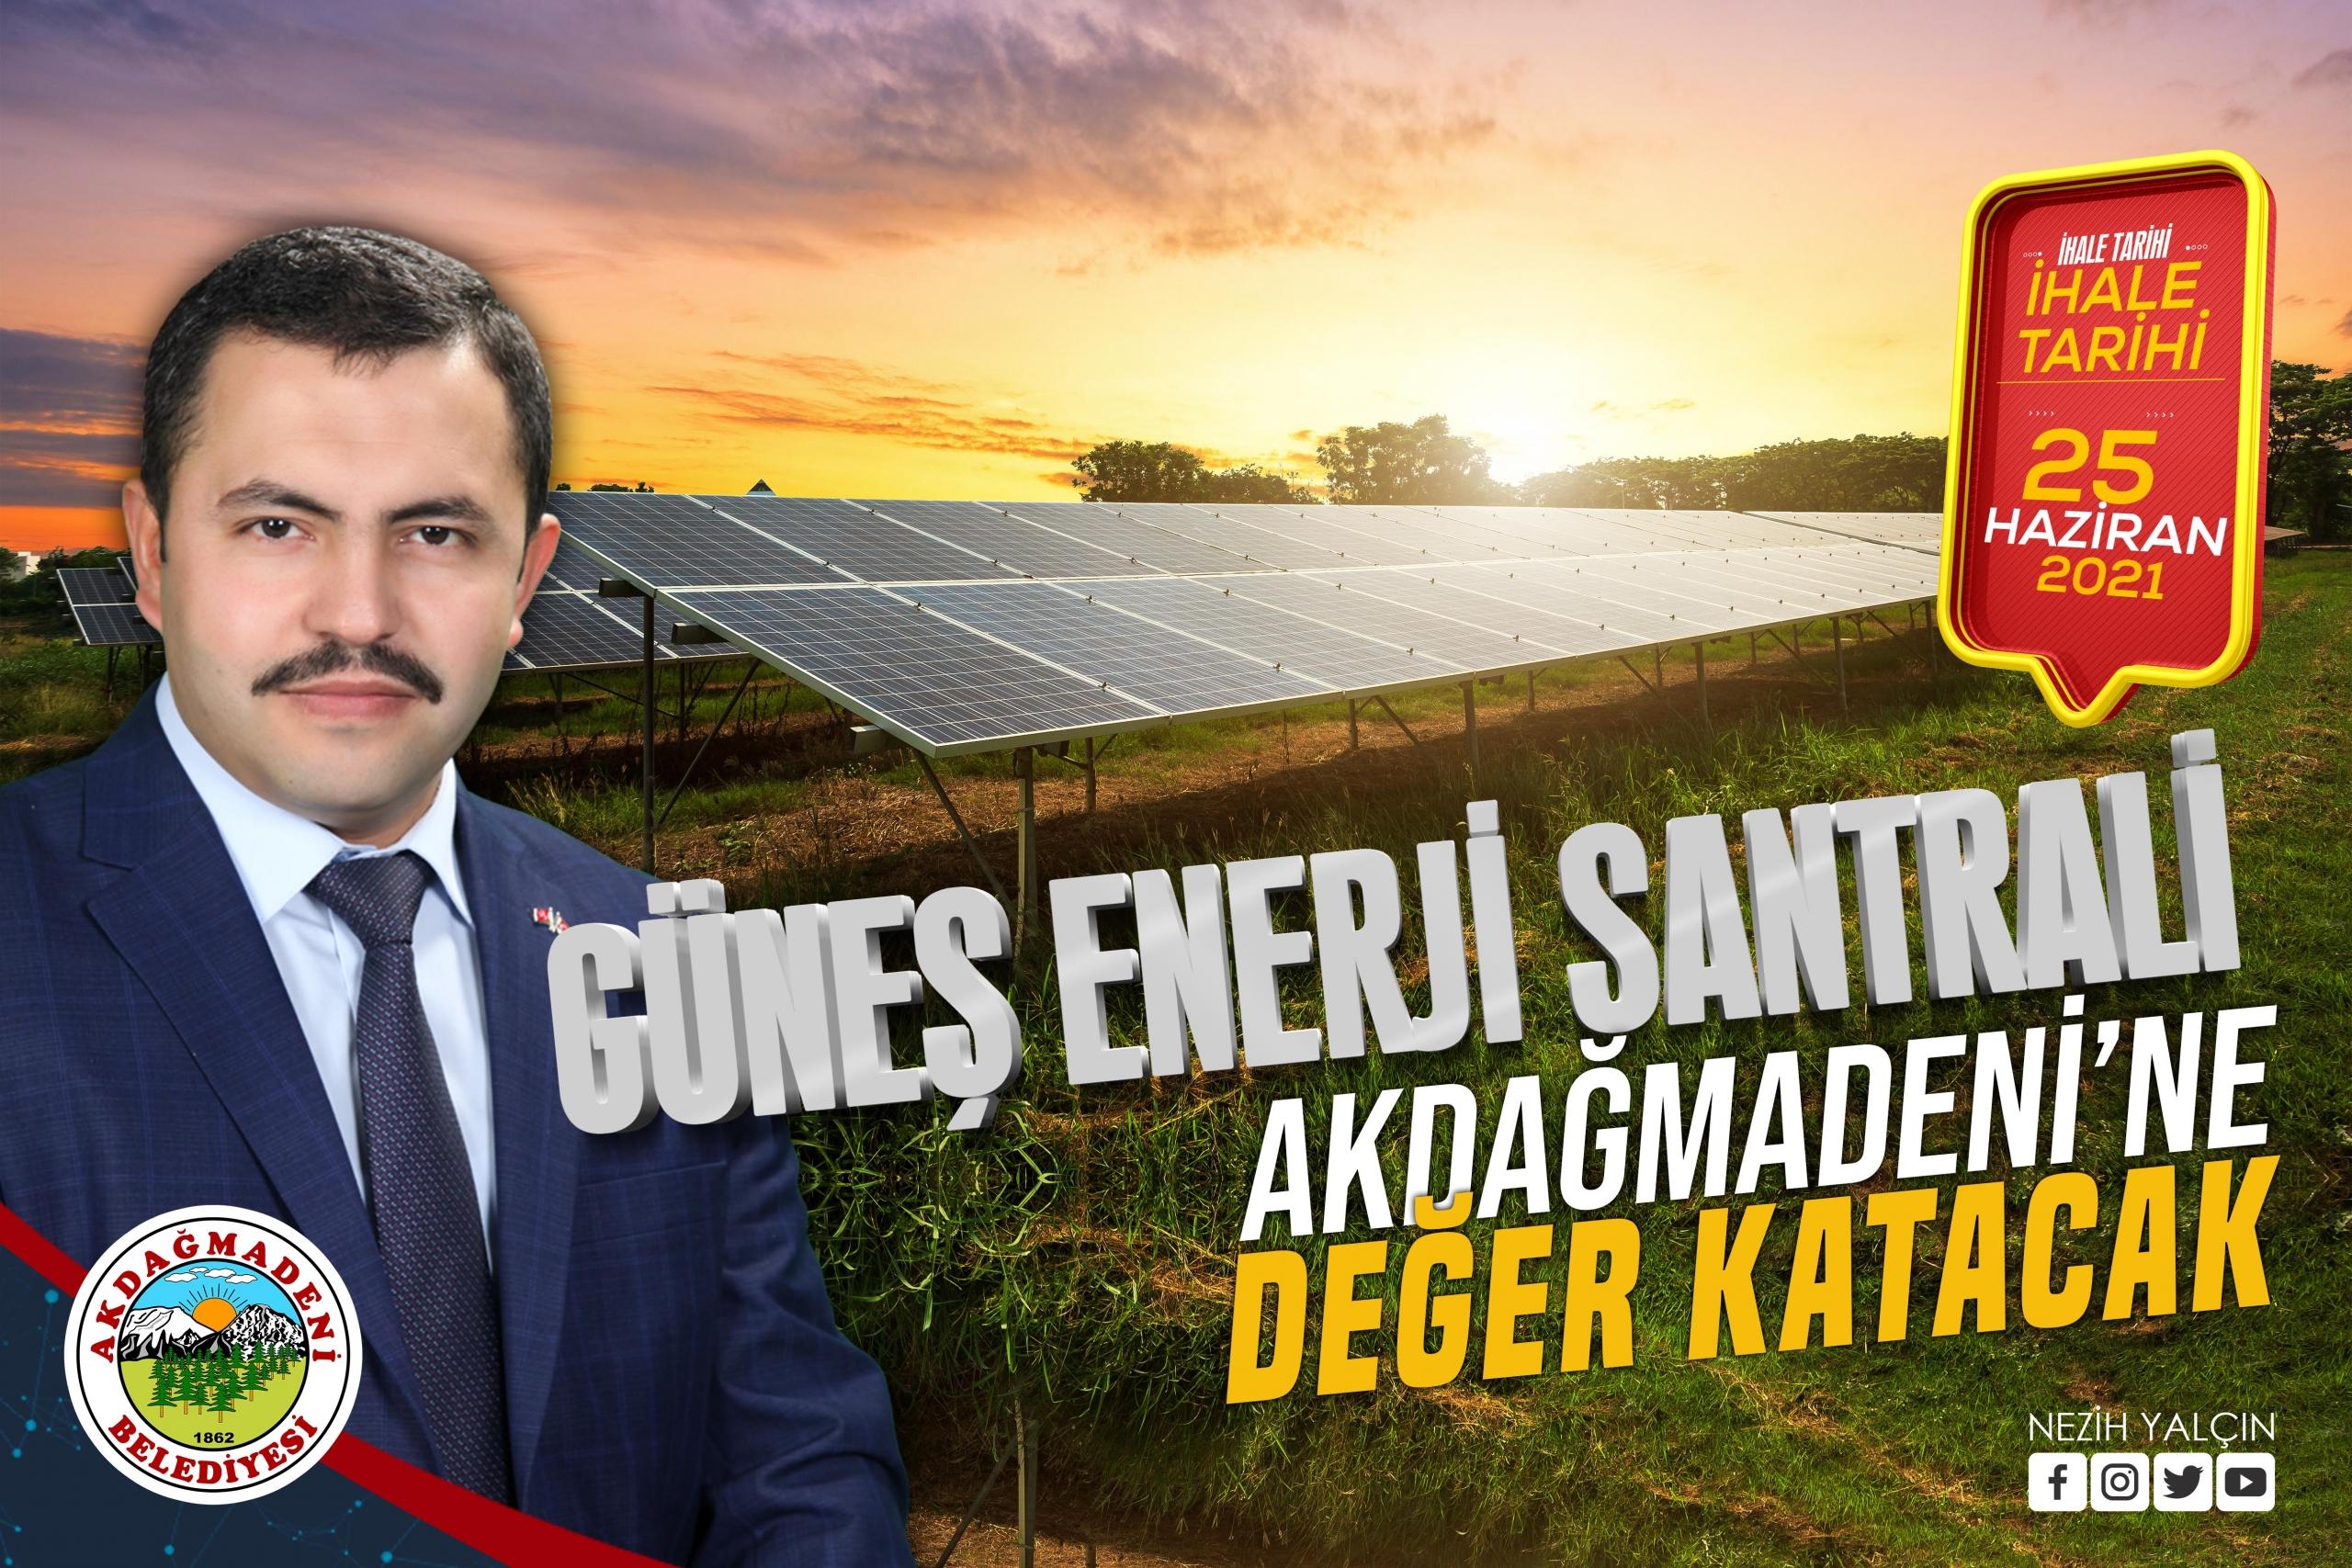 Güneş enerji santrali değer katacak